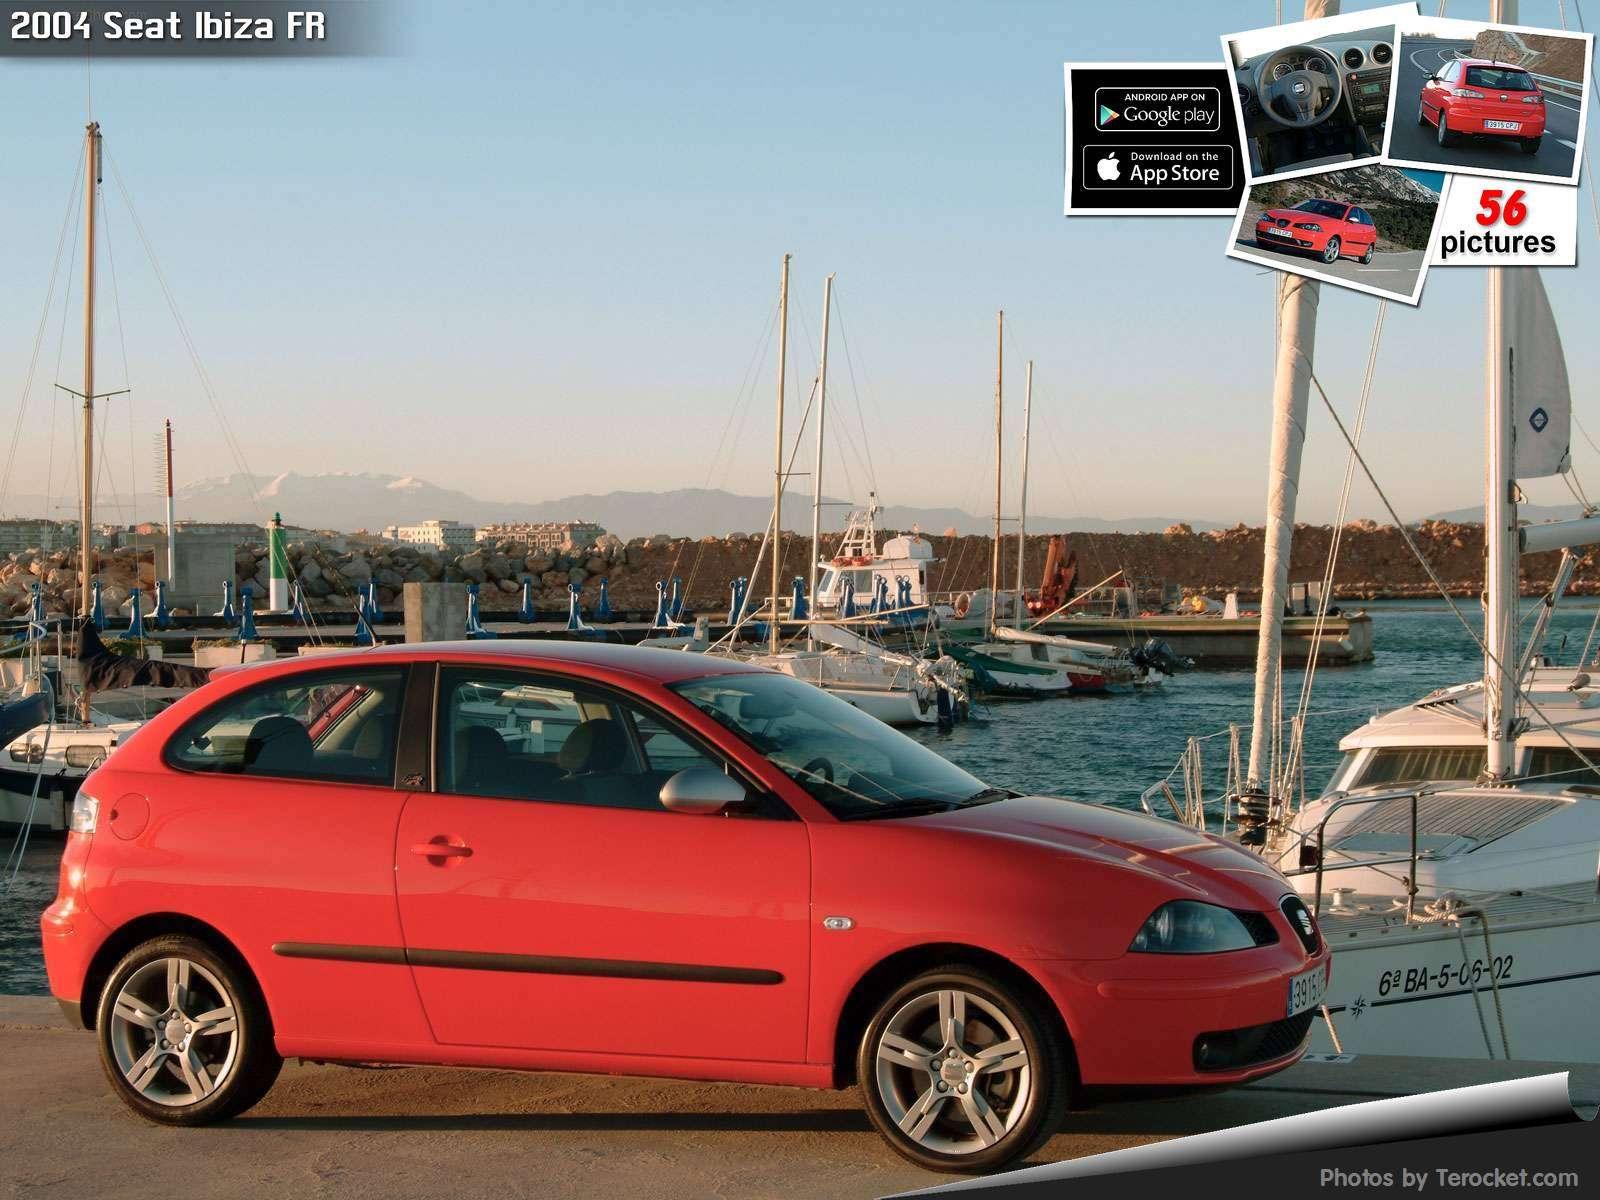 Hình ảnh xe ô tô Seat Ibiza FR 2004 & nội ngoại thất